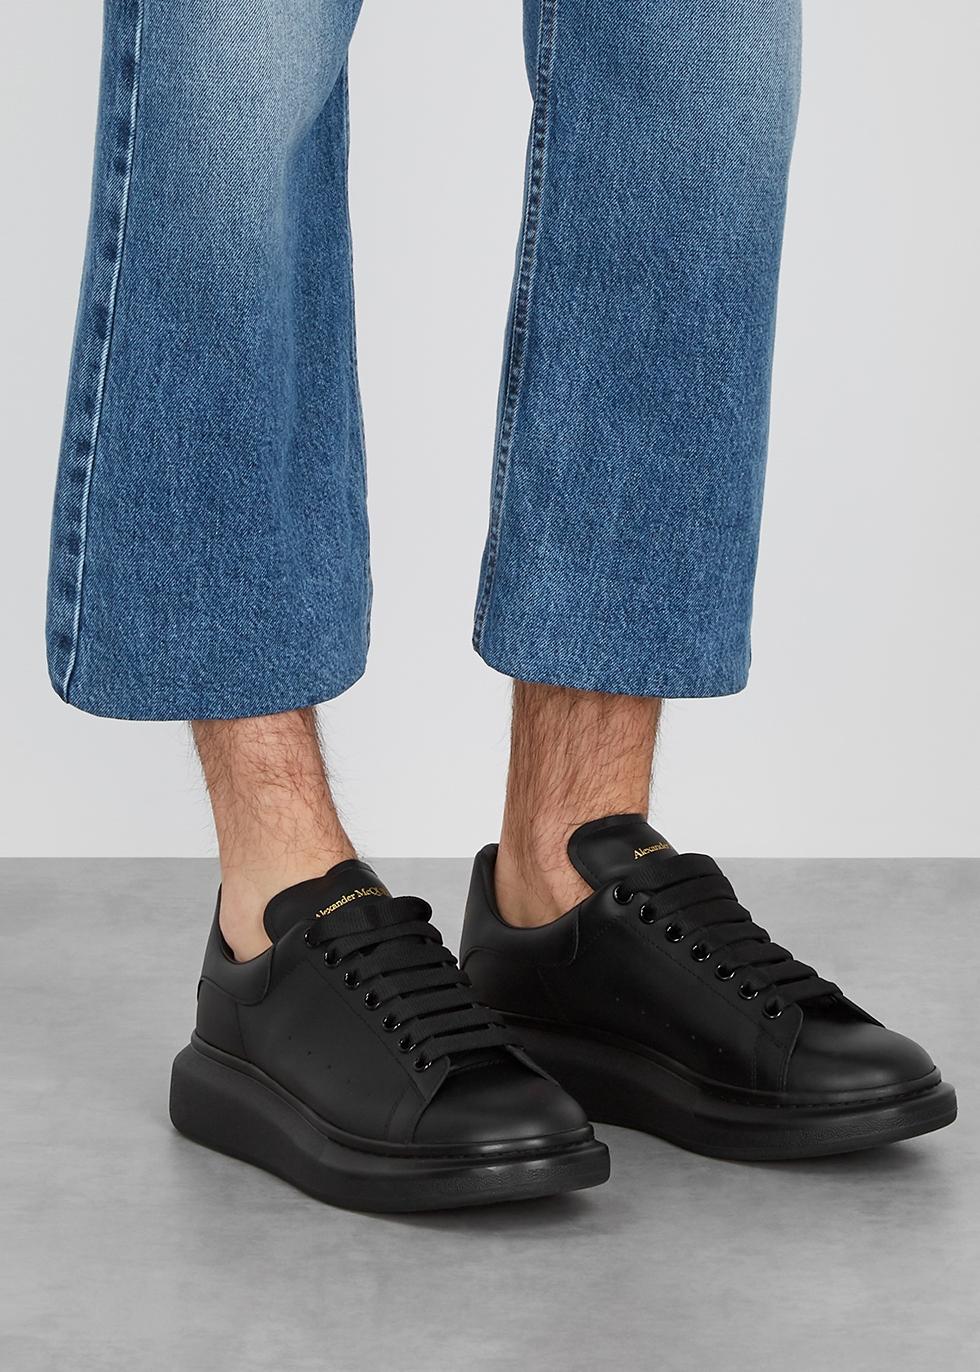 Alexander McQueen Larry black leather